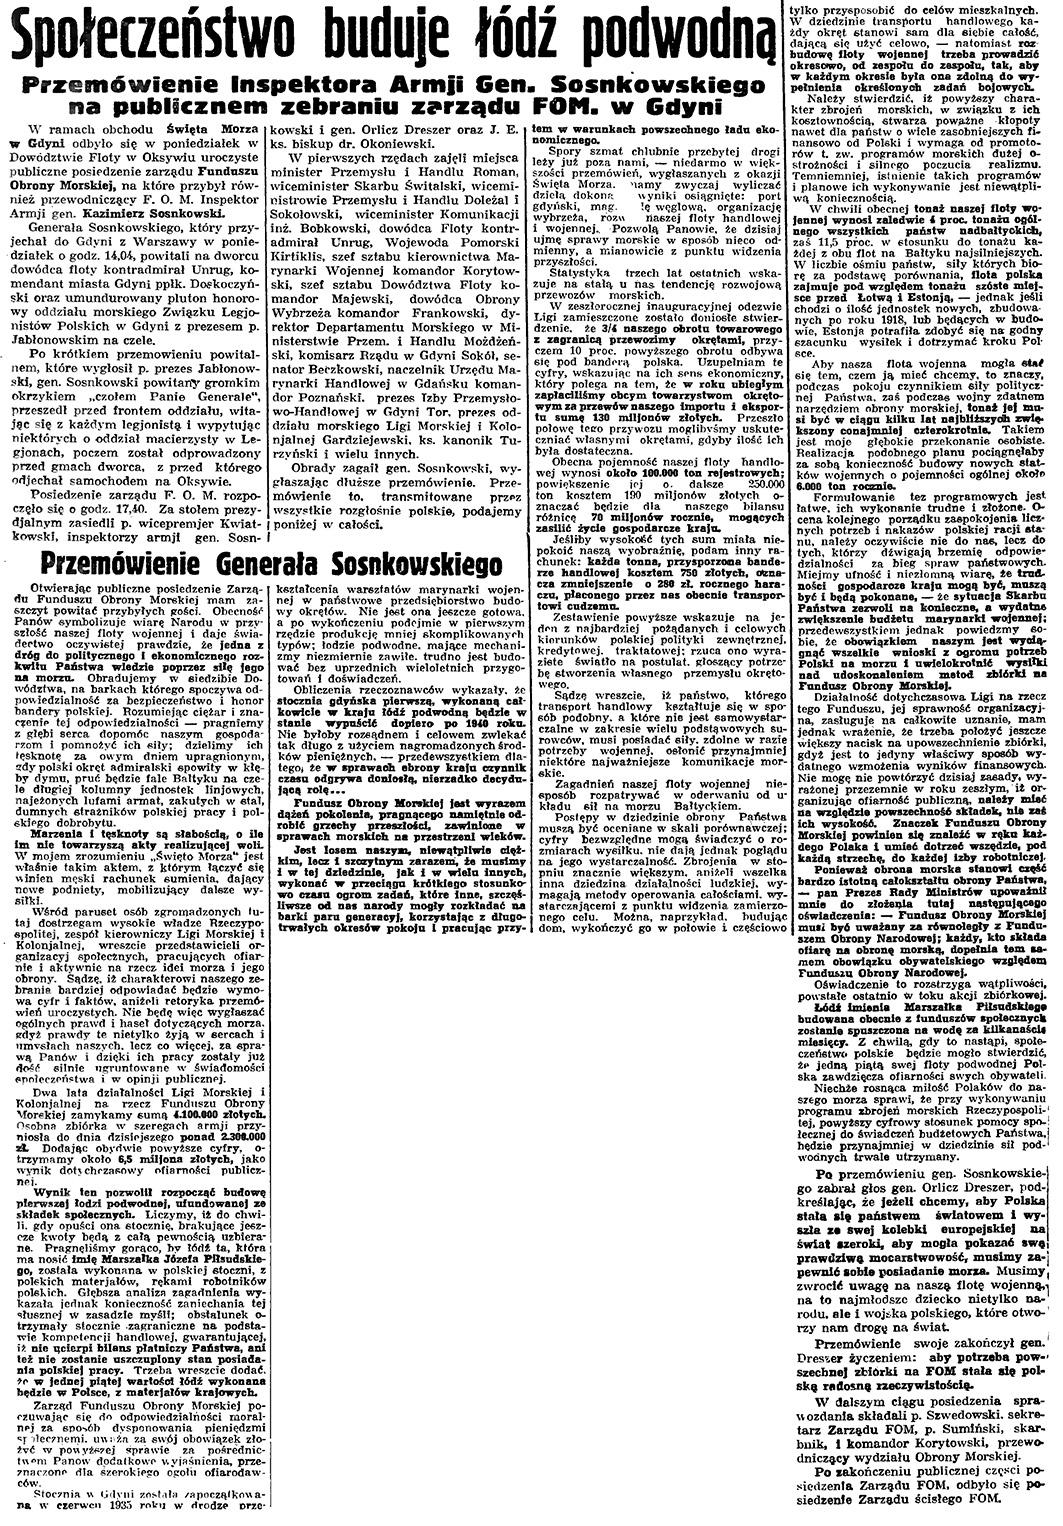 Społeczeństwo buduje łódź podwodną. Przemówienie Inspektora Armji Gen. Sosnowskiego na publicznem zebraniu zarządu FOM. w Gdyni // Gazeta Gdańska. - 1937, nr 148, s. 4